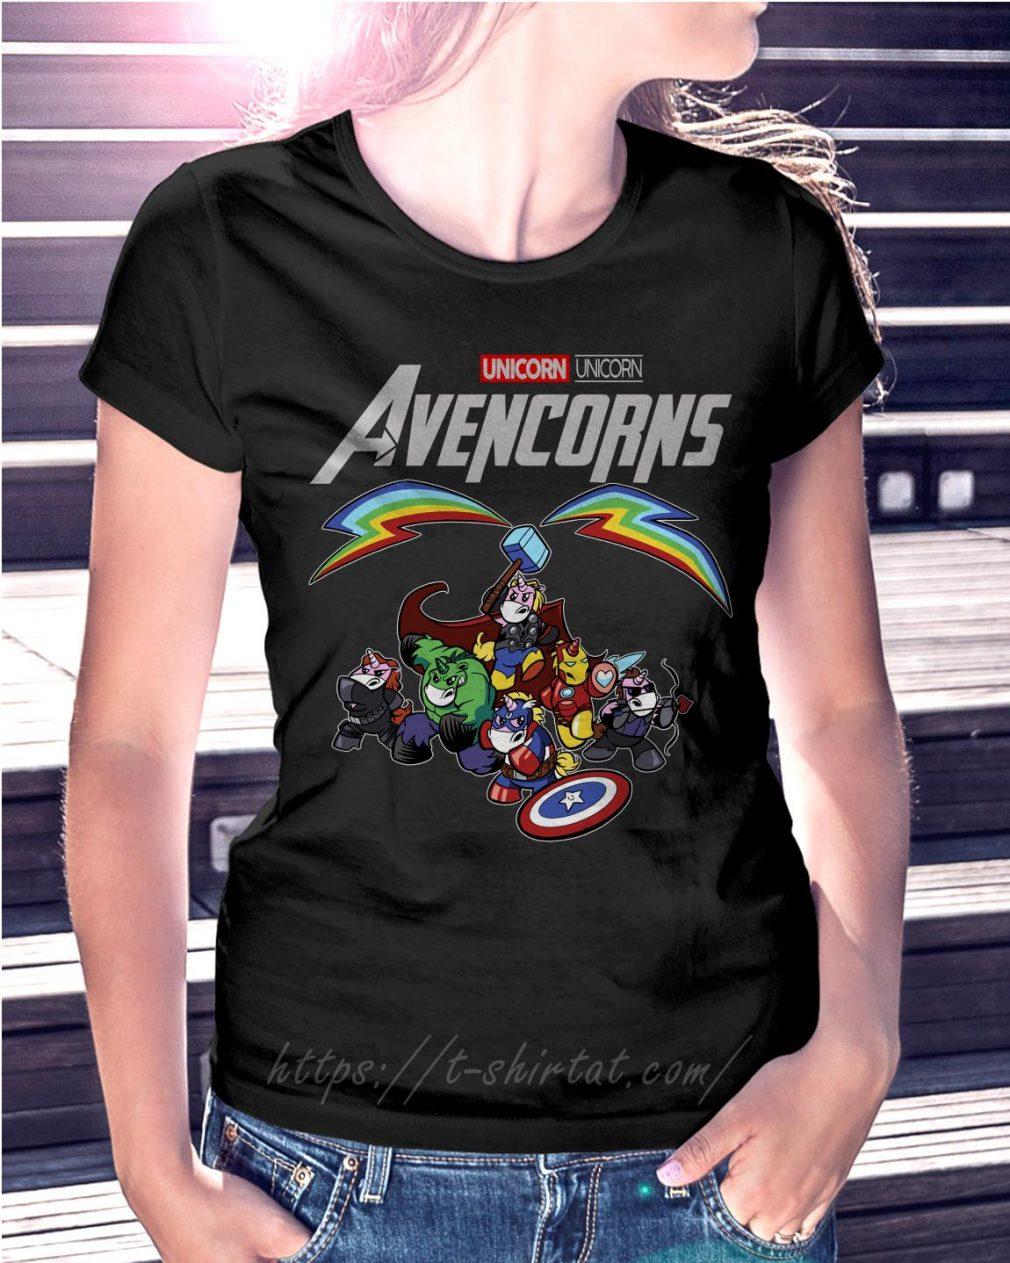 Marvel Unicorn Avencorns Ladies Tee